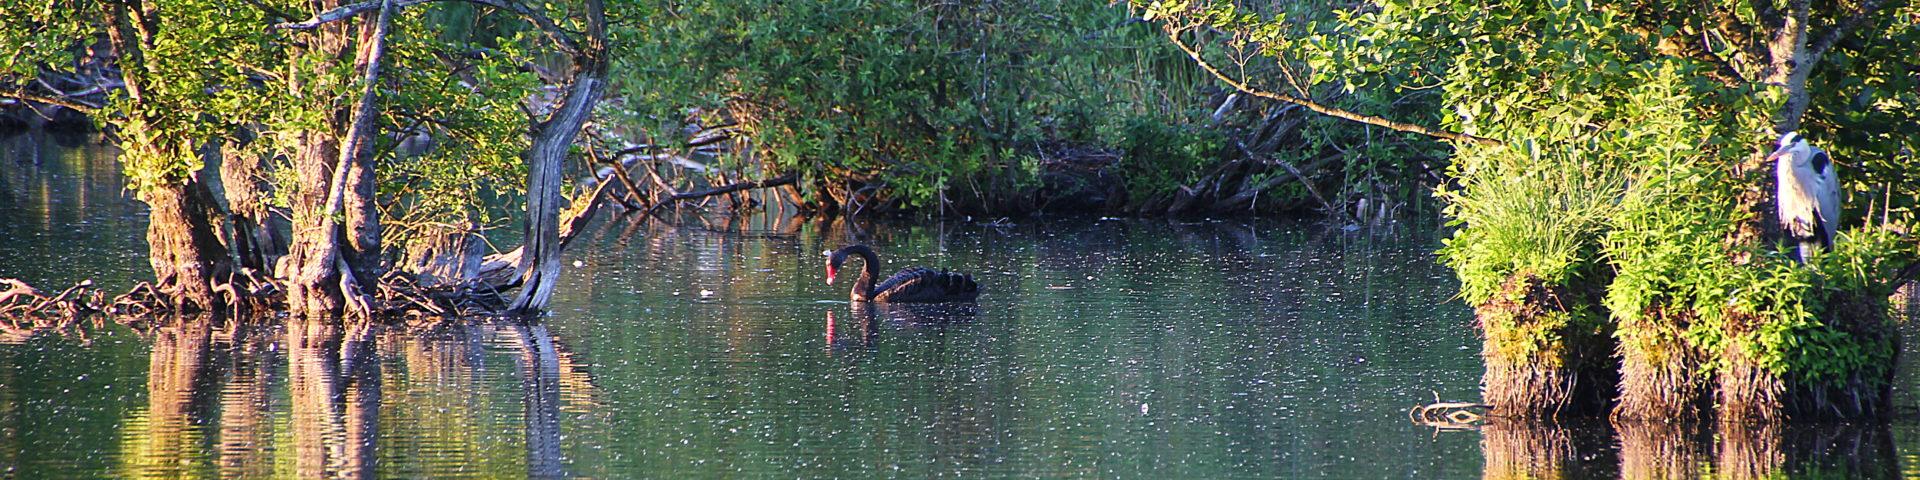 Vogelvielfalt am Wehradelta